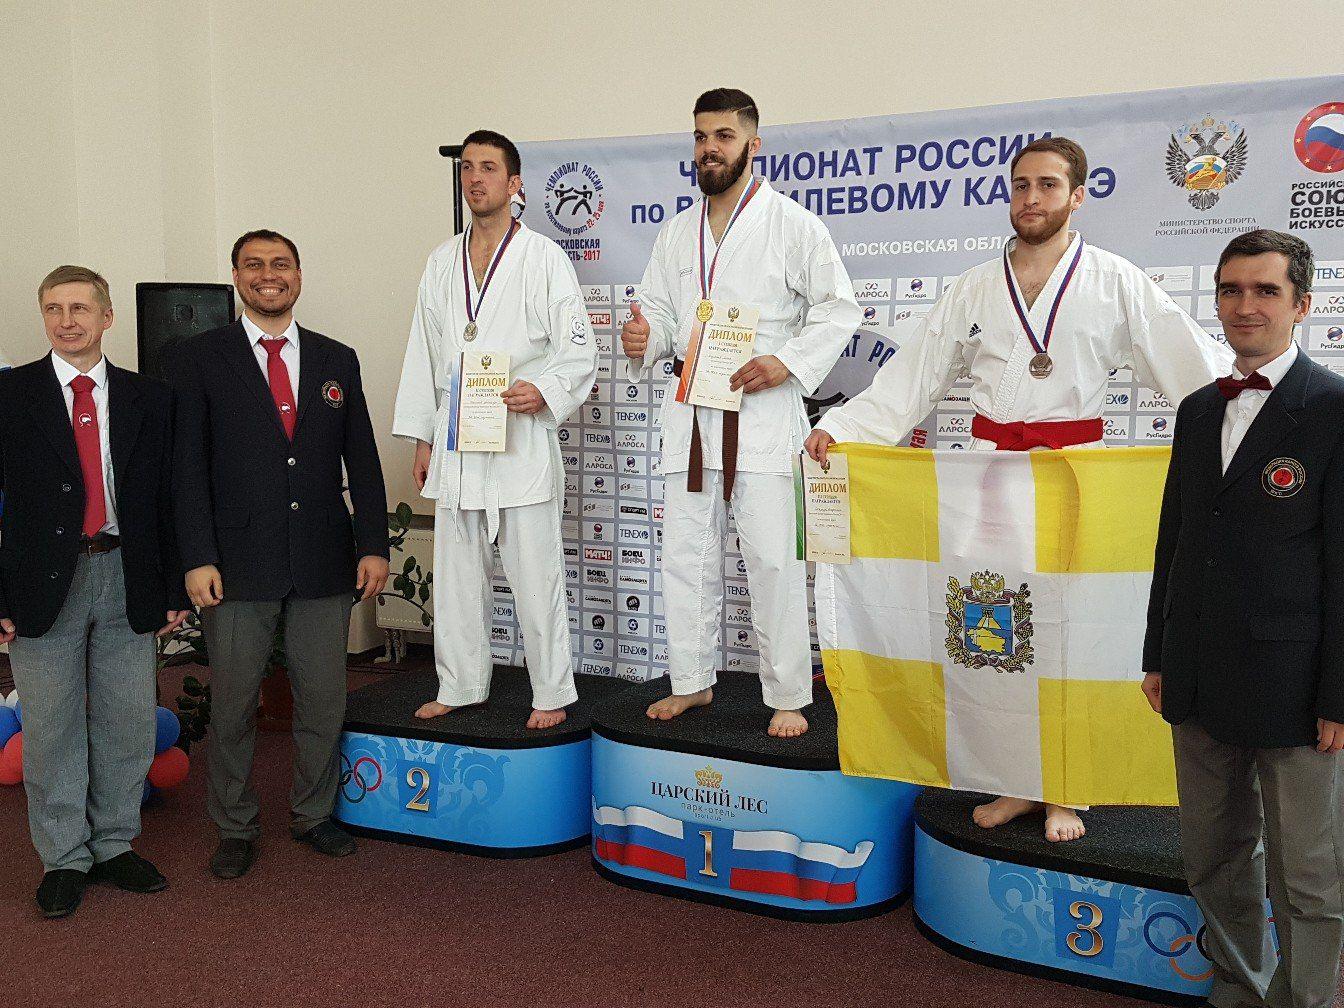 Спортсмены изКарелии завоевали медали наЧемпионате Российской Федерации повсестилевому каратэ